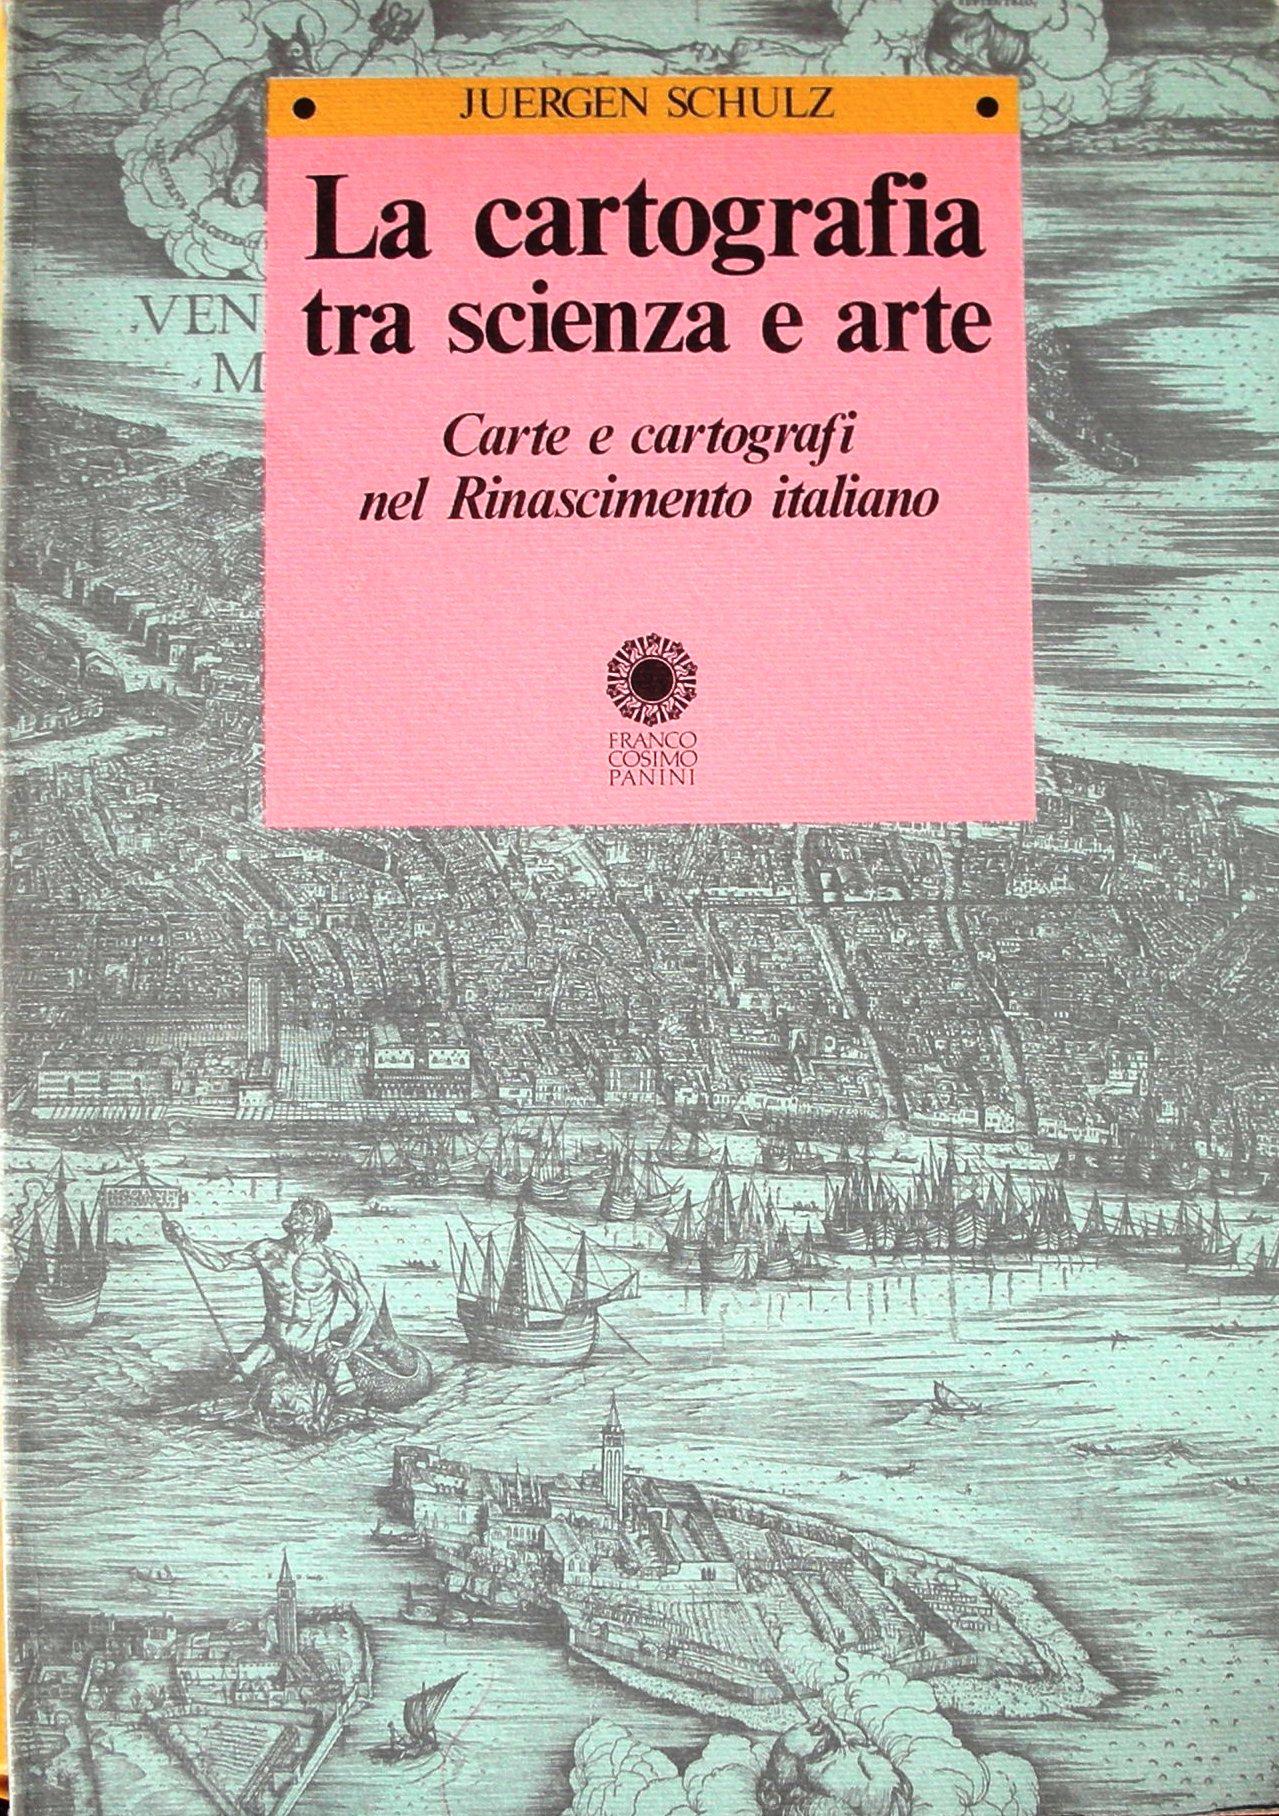 La cartografia tra scienza e arte